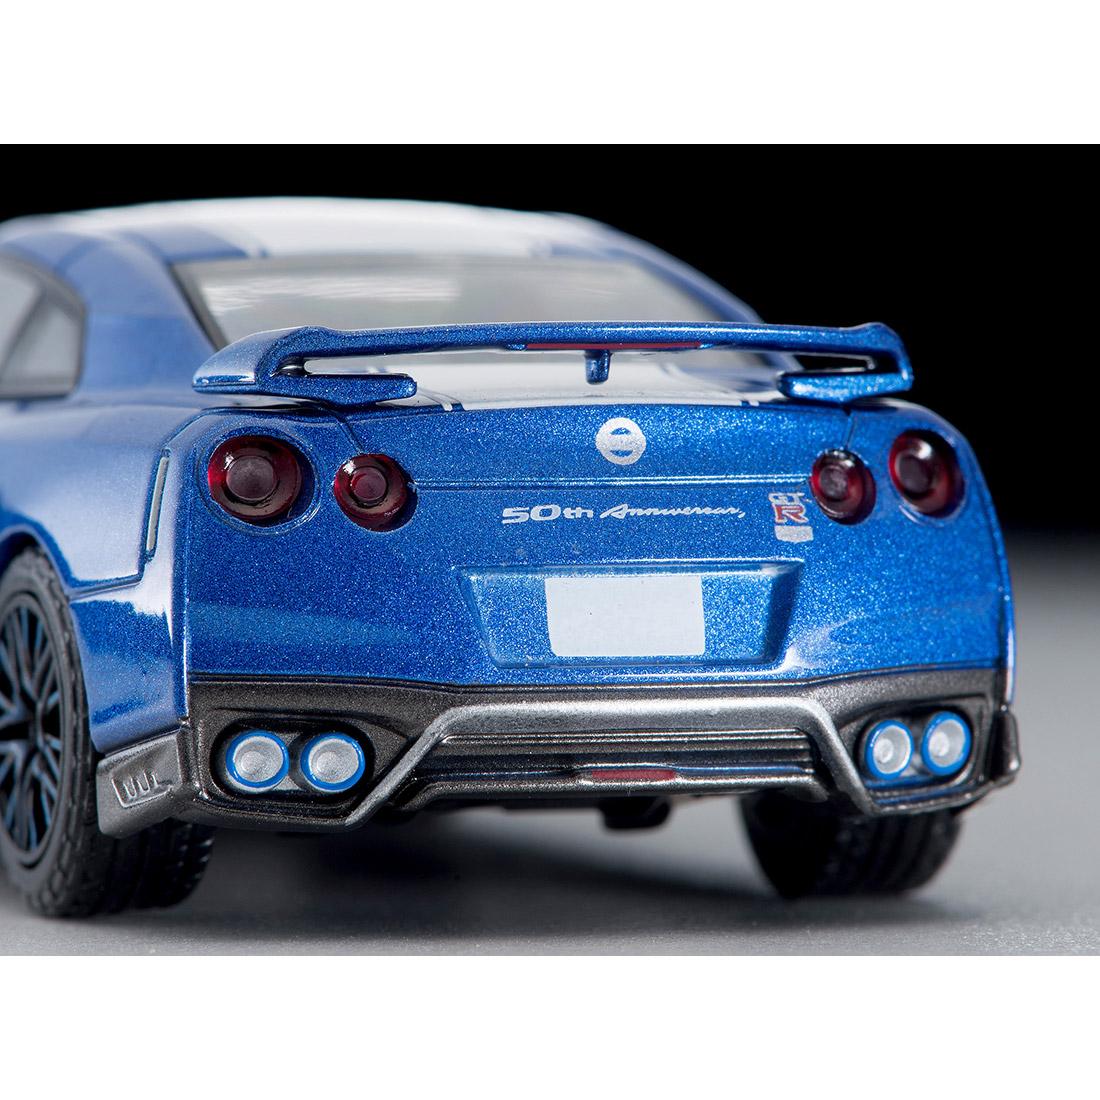 トミカリミテッドヴィンテージ ネオ LV-N200a『日産GT-R 50th ANNIVERSARY(青)』1/64 ミニカー-009